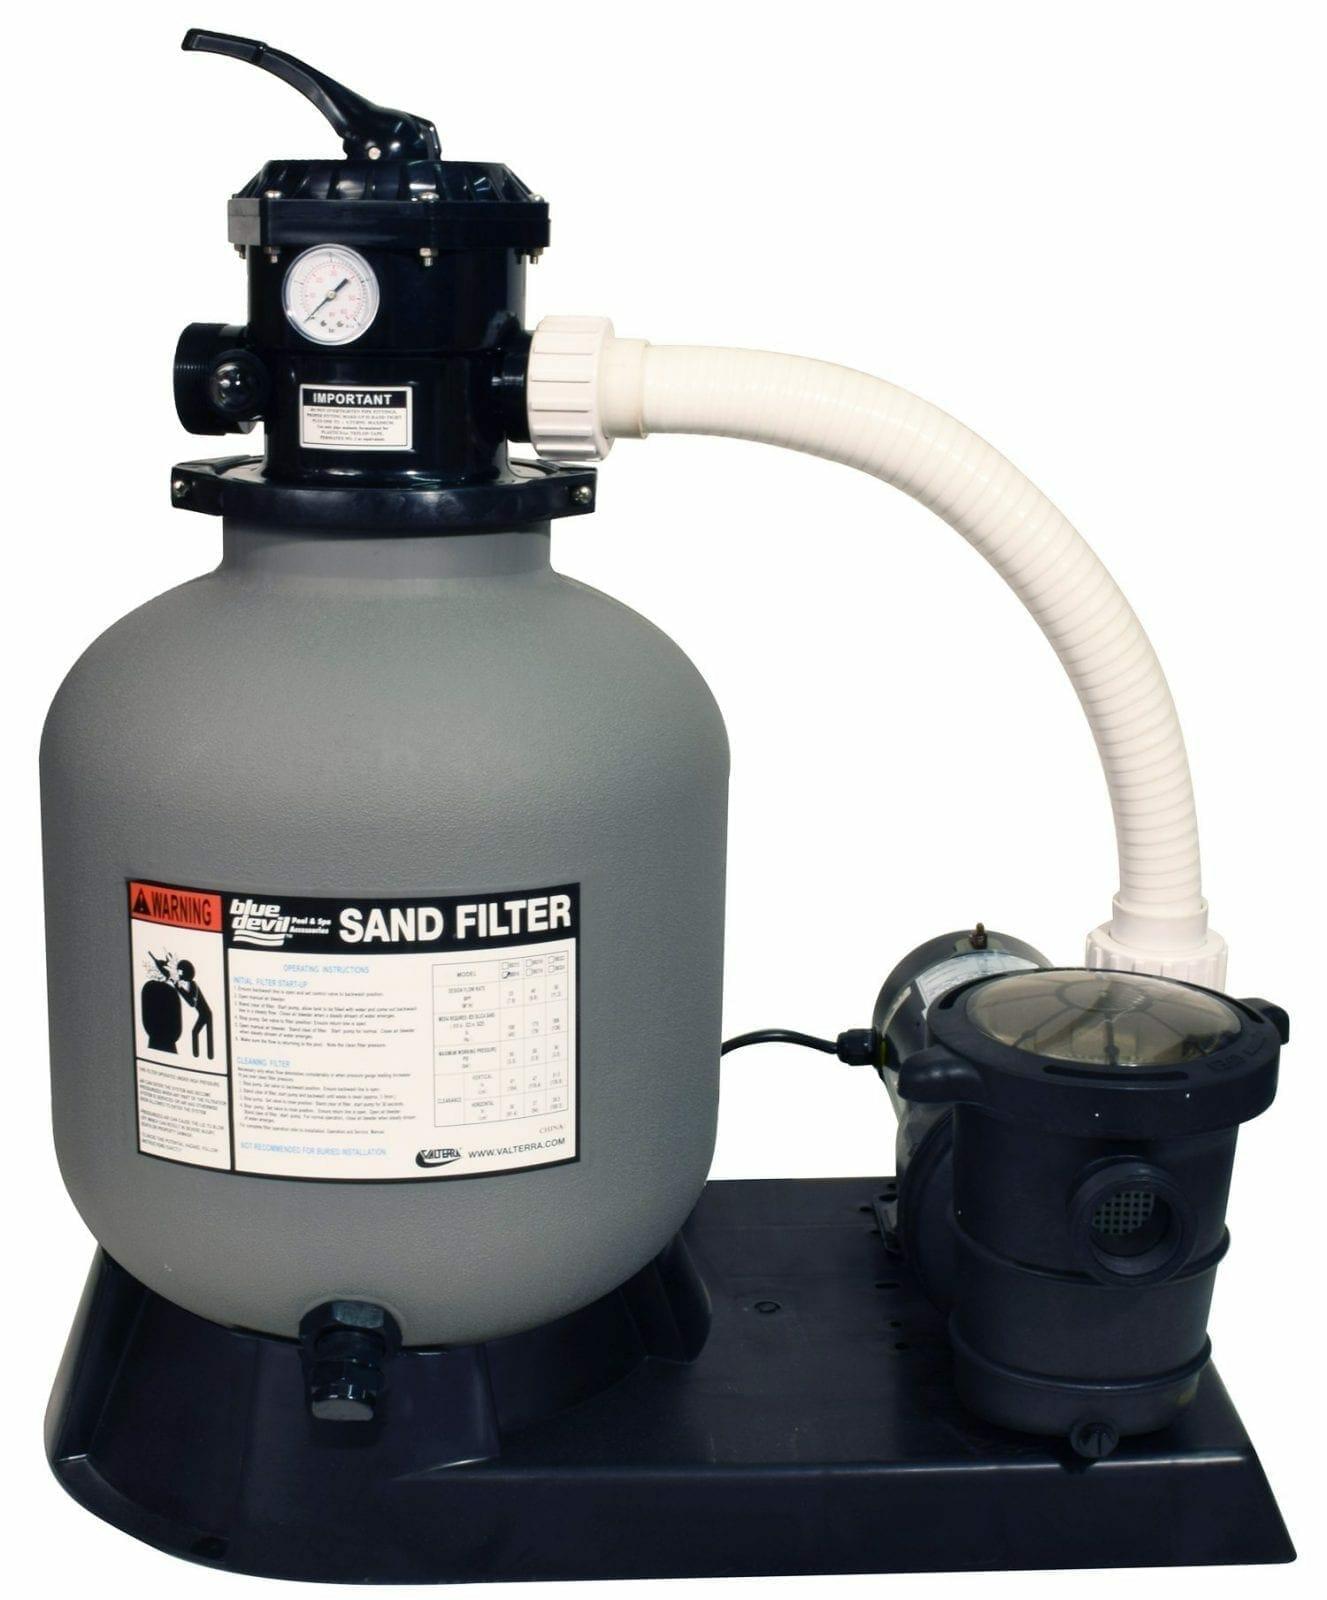 Sand filter 16 w 3 4 hp pump for Bauhaus sandfilterpumpe